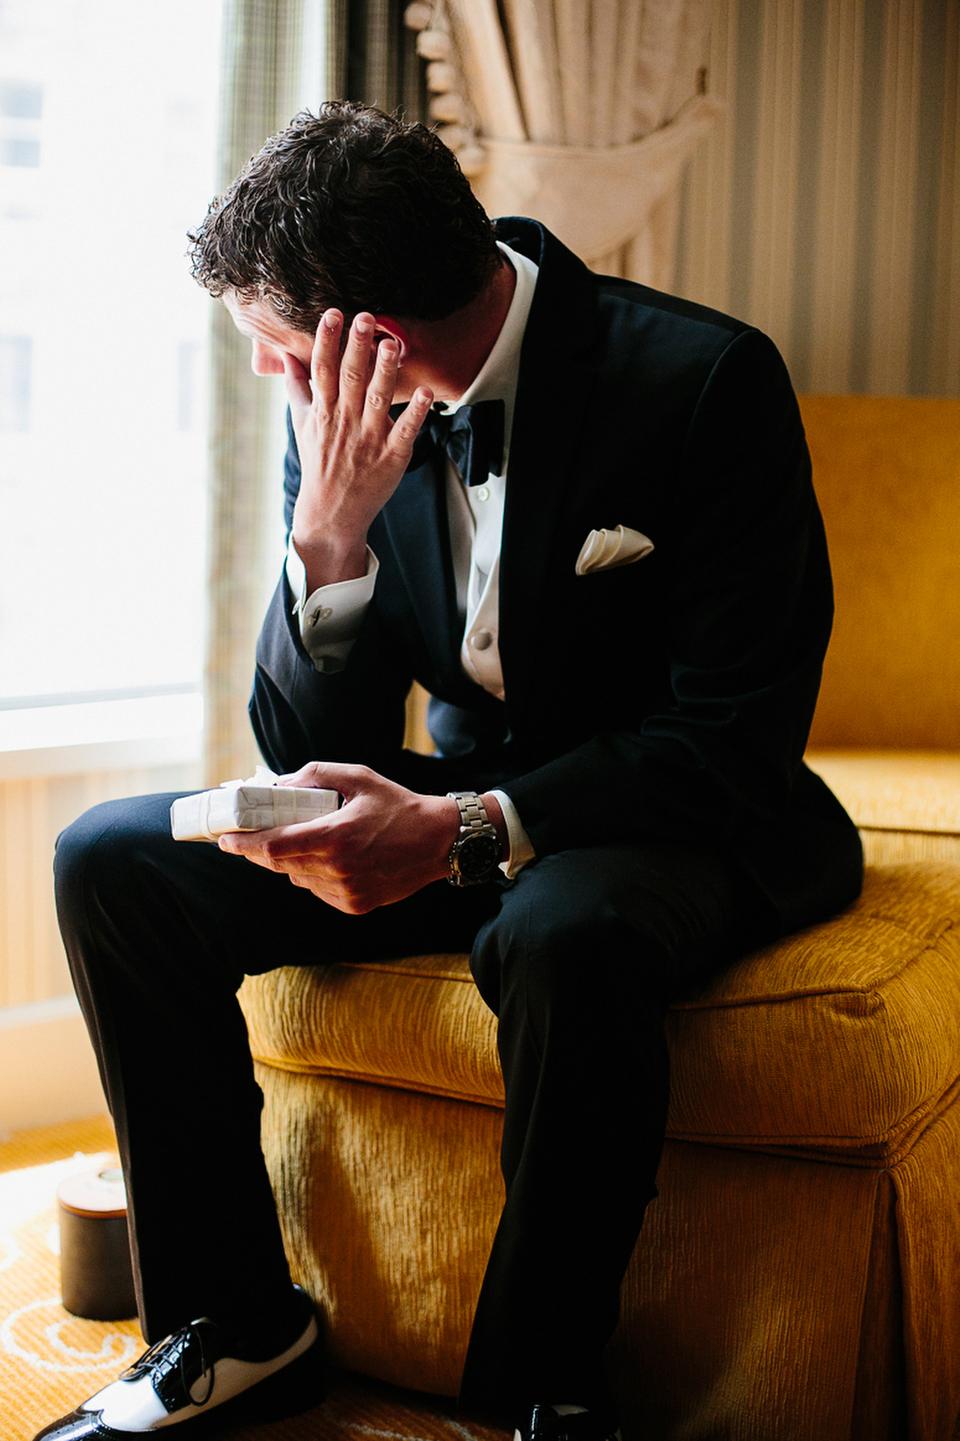 Portrait of an emotional groom as he prepares to meet his bride.